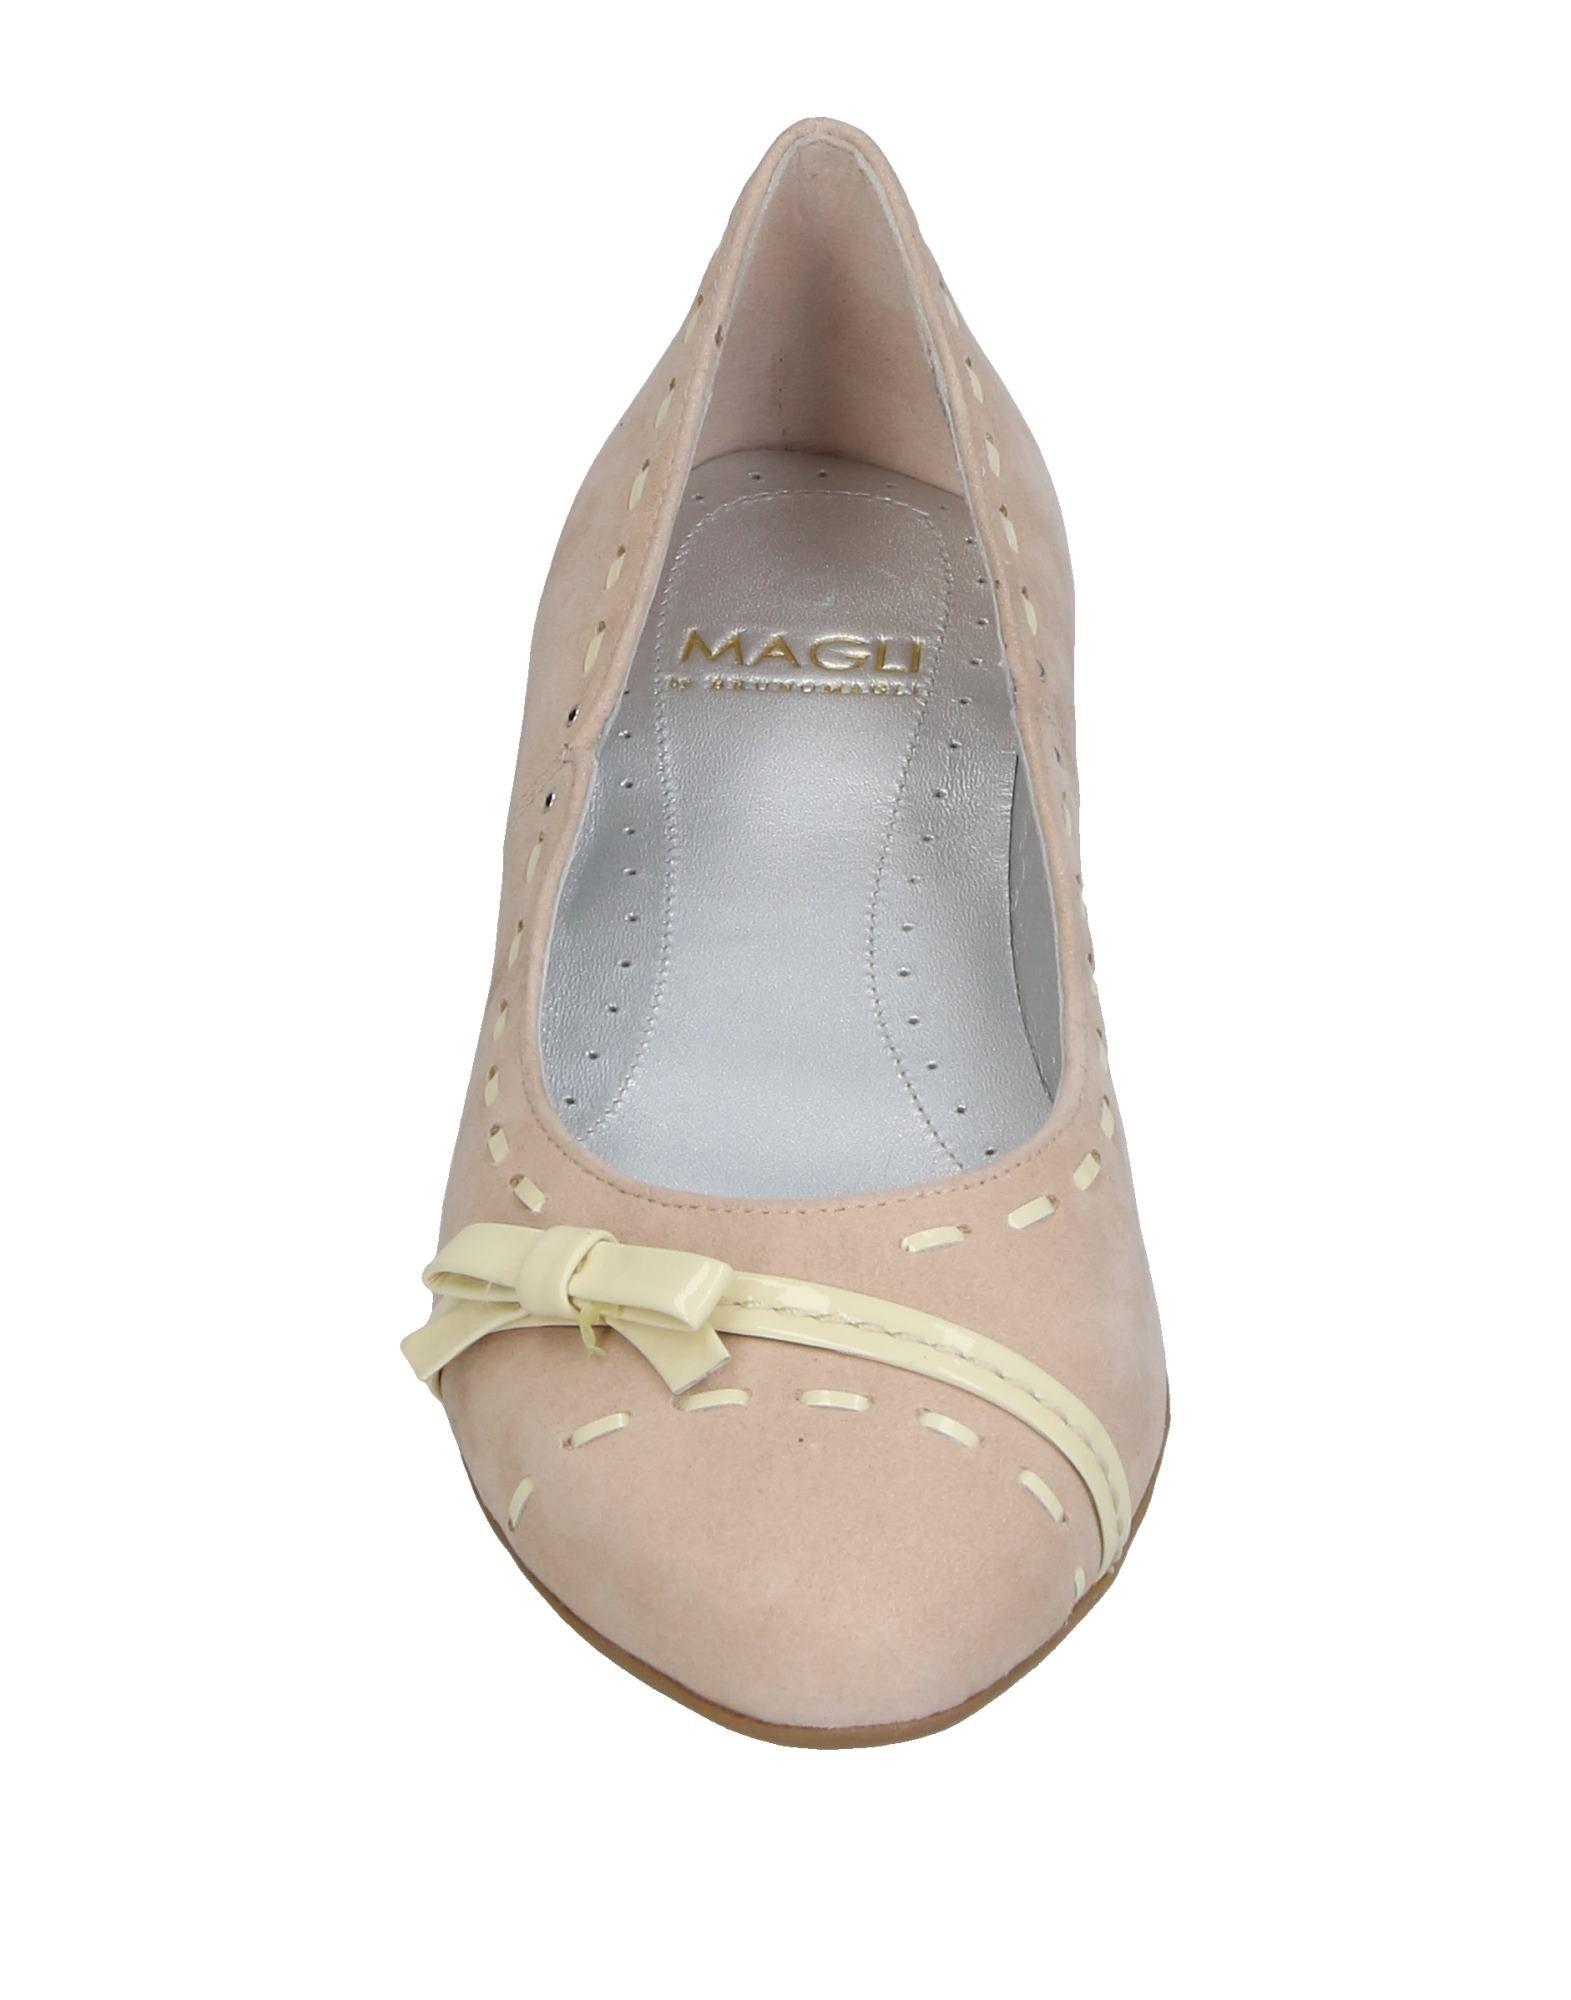 Magli By Bruno Magli Ballerinas Damen  11385107WG Gute Qualität beliebte Schuhe